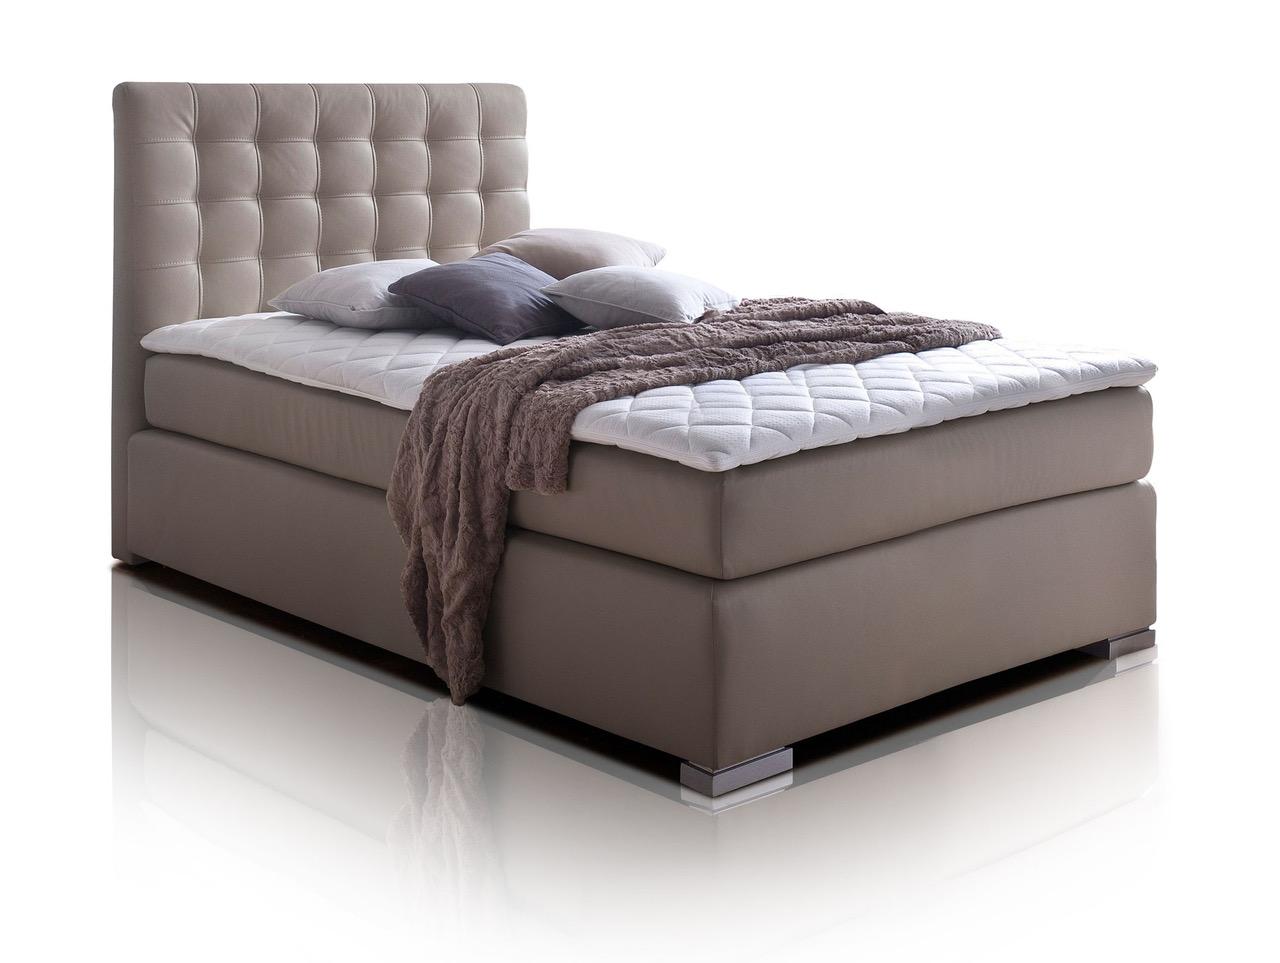 isabell boxspringbett singlebett boxspring bett hotelbett muddy 140x200 h2 ebay. Black Bedroom Furniture Sets. Home Design Ideas